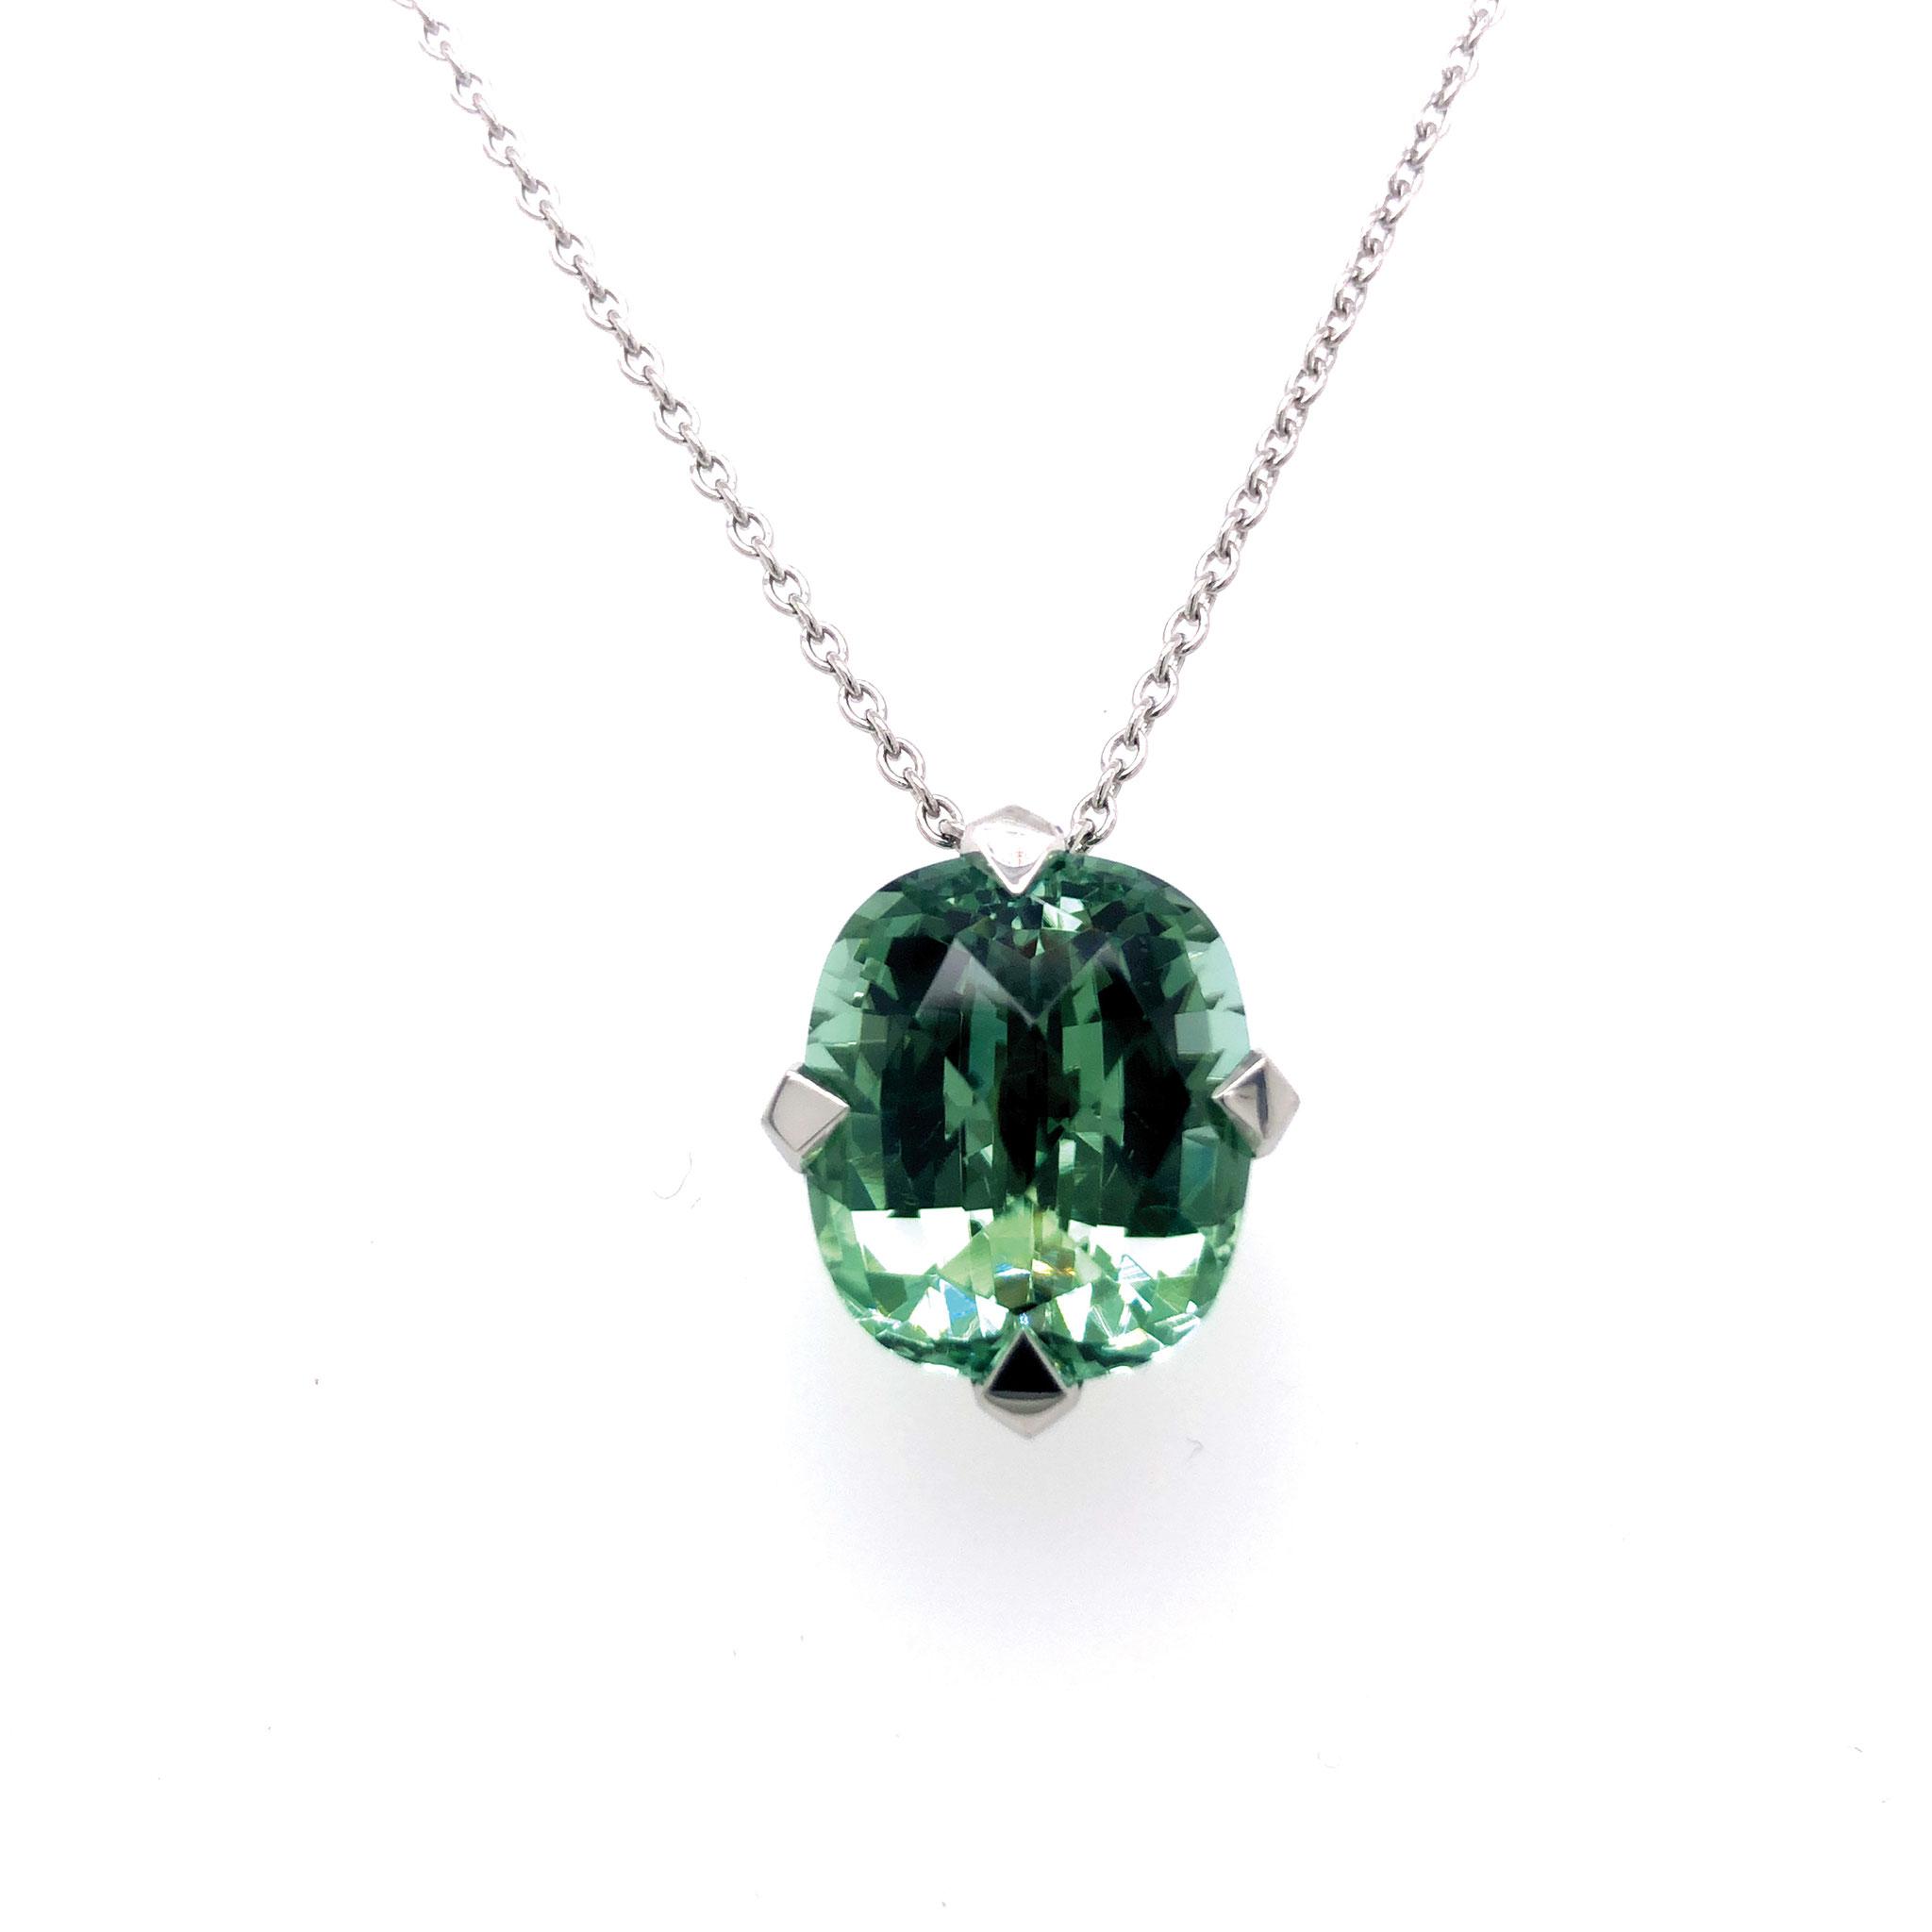 Platinkette mit grünem Turmalin 10,47 carat 5.780 Euro